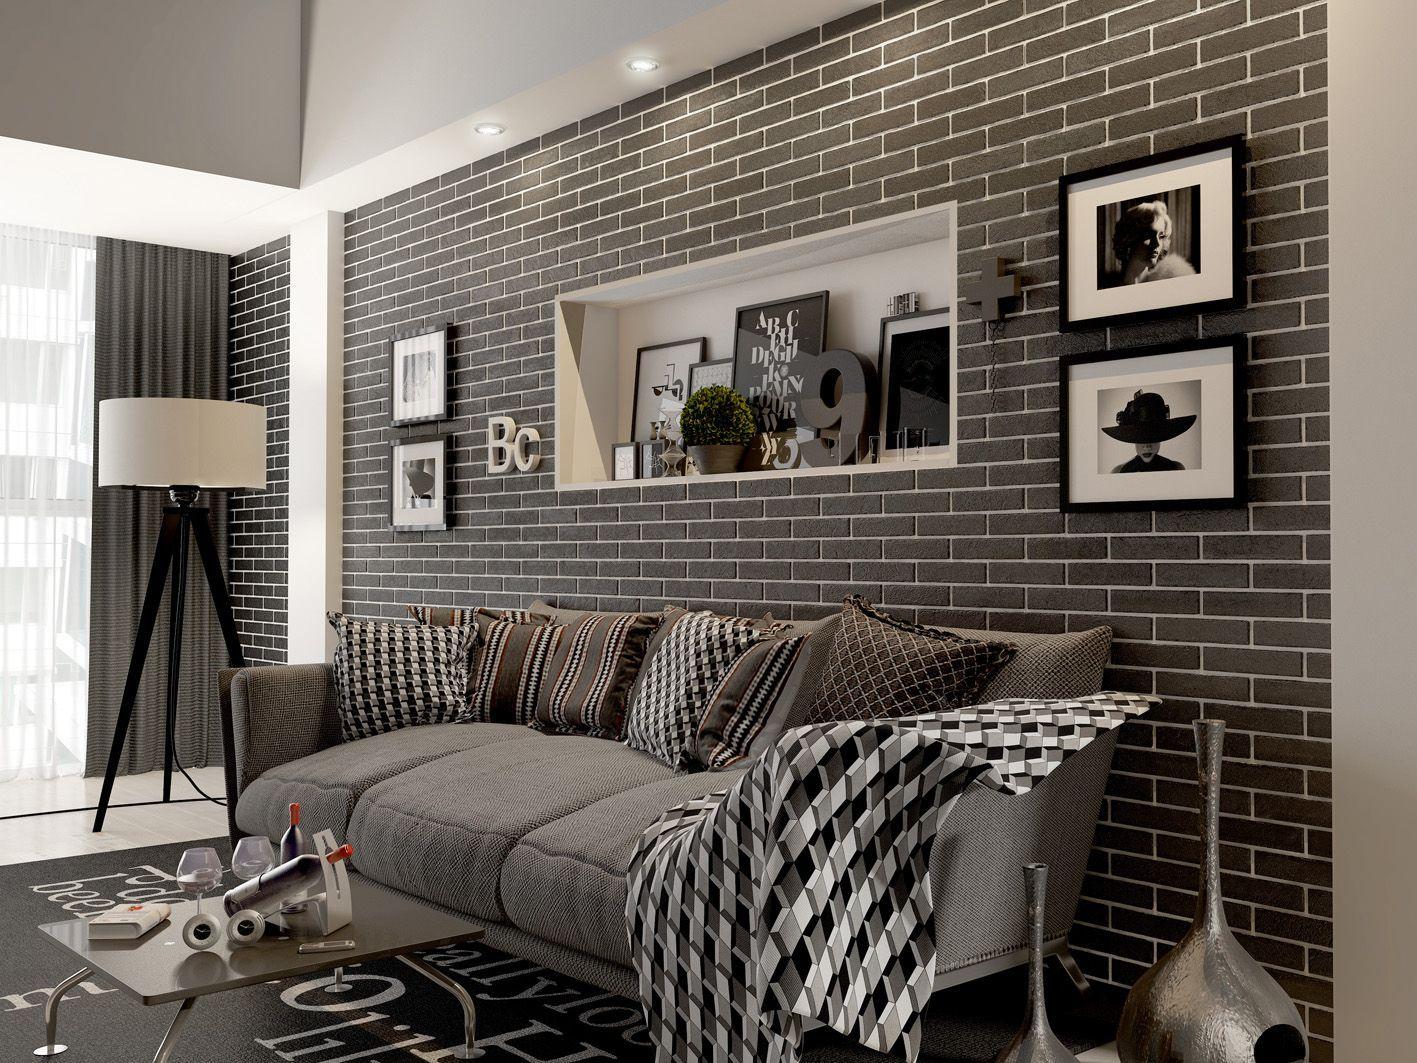 отделка квартиры под декоративный кирпич идеи дизайна